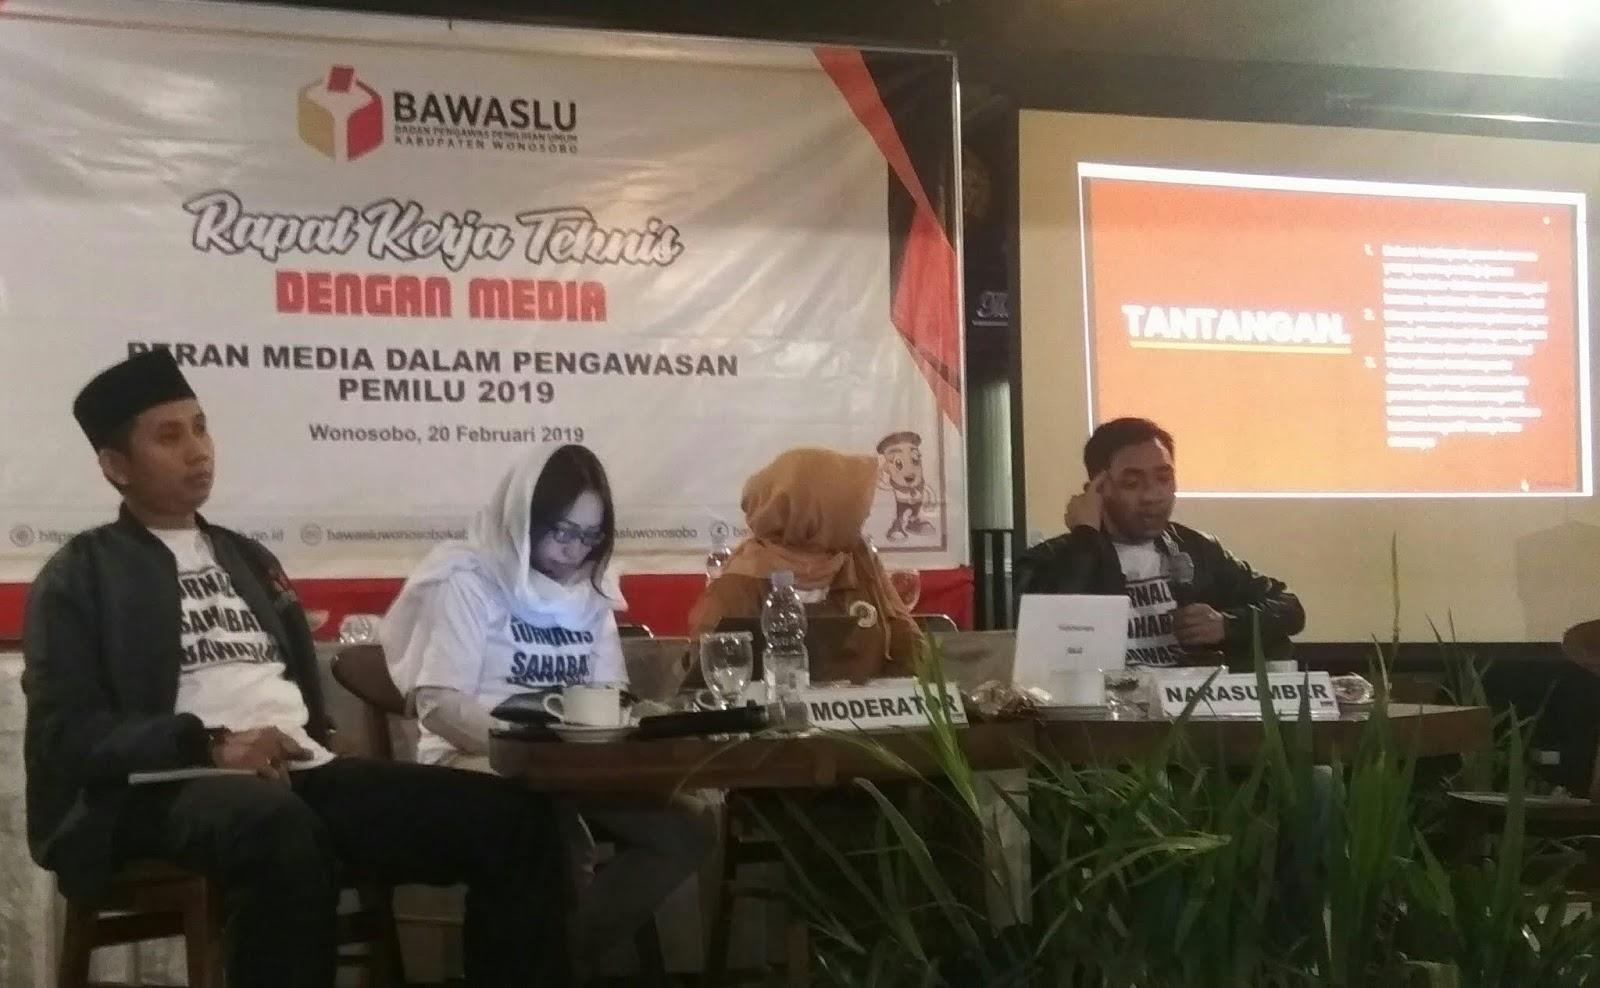 Bawaslu Wonosobo Ajak Komunitas Jurnalis Berperan Dalam Pengawasan Pemilu 2019